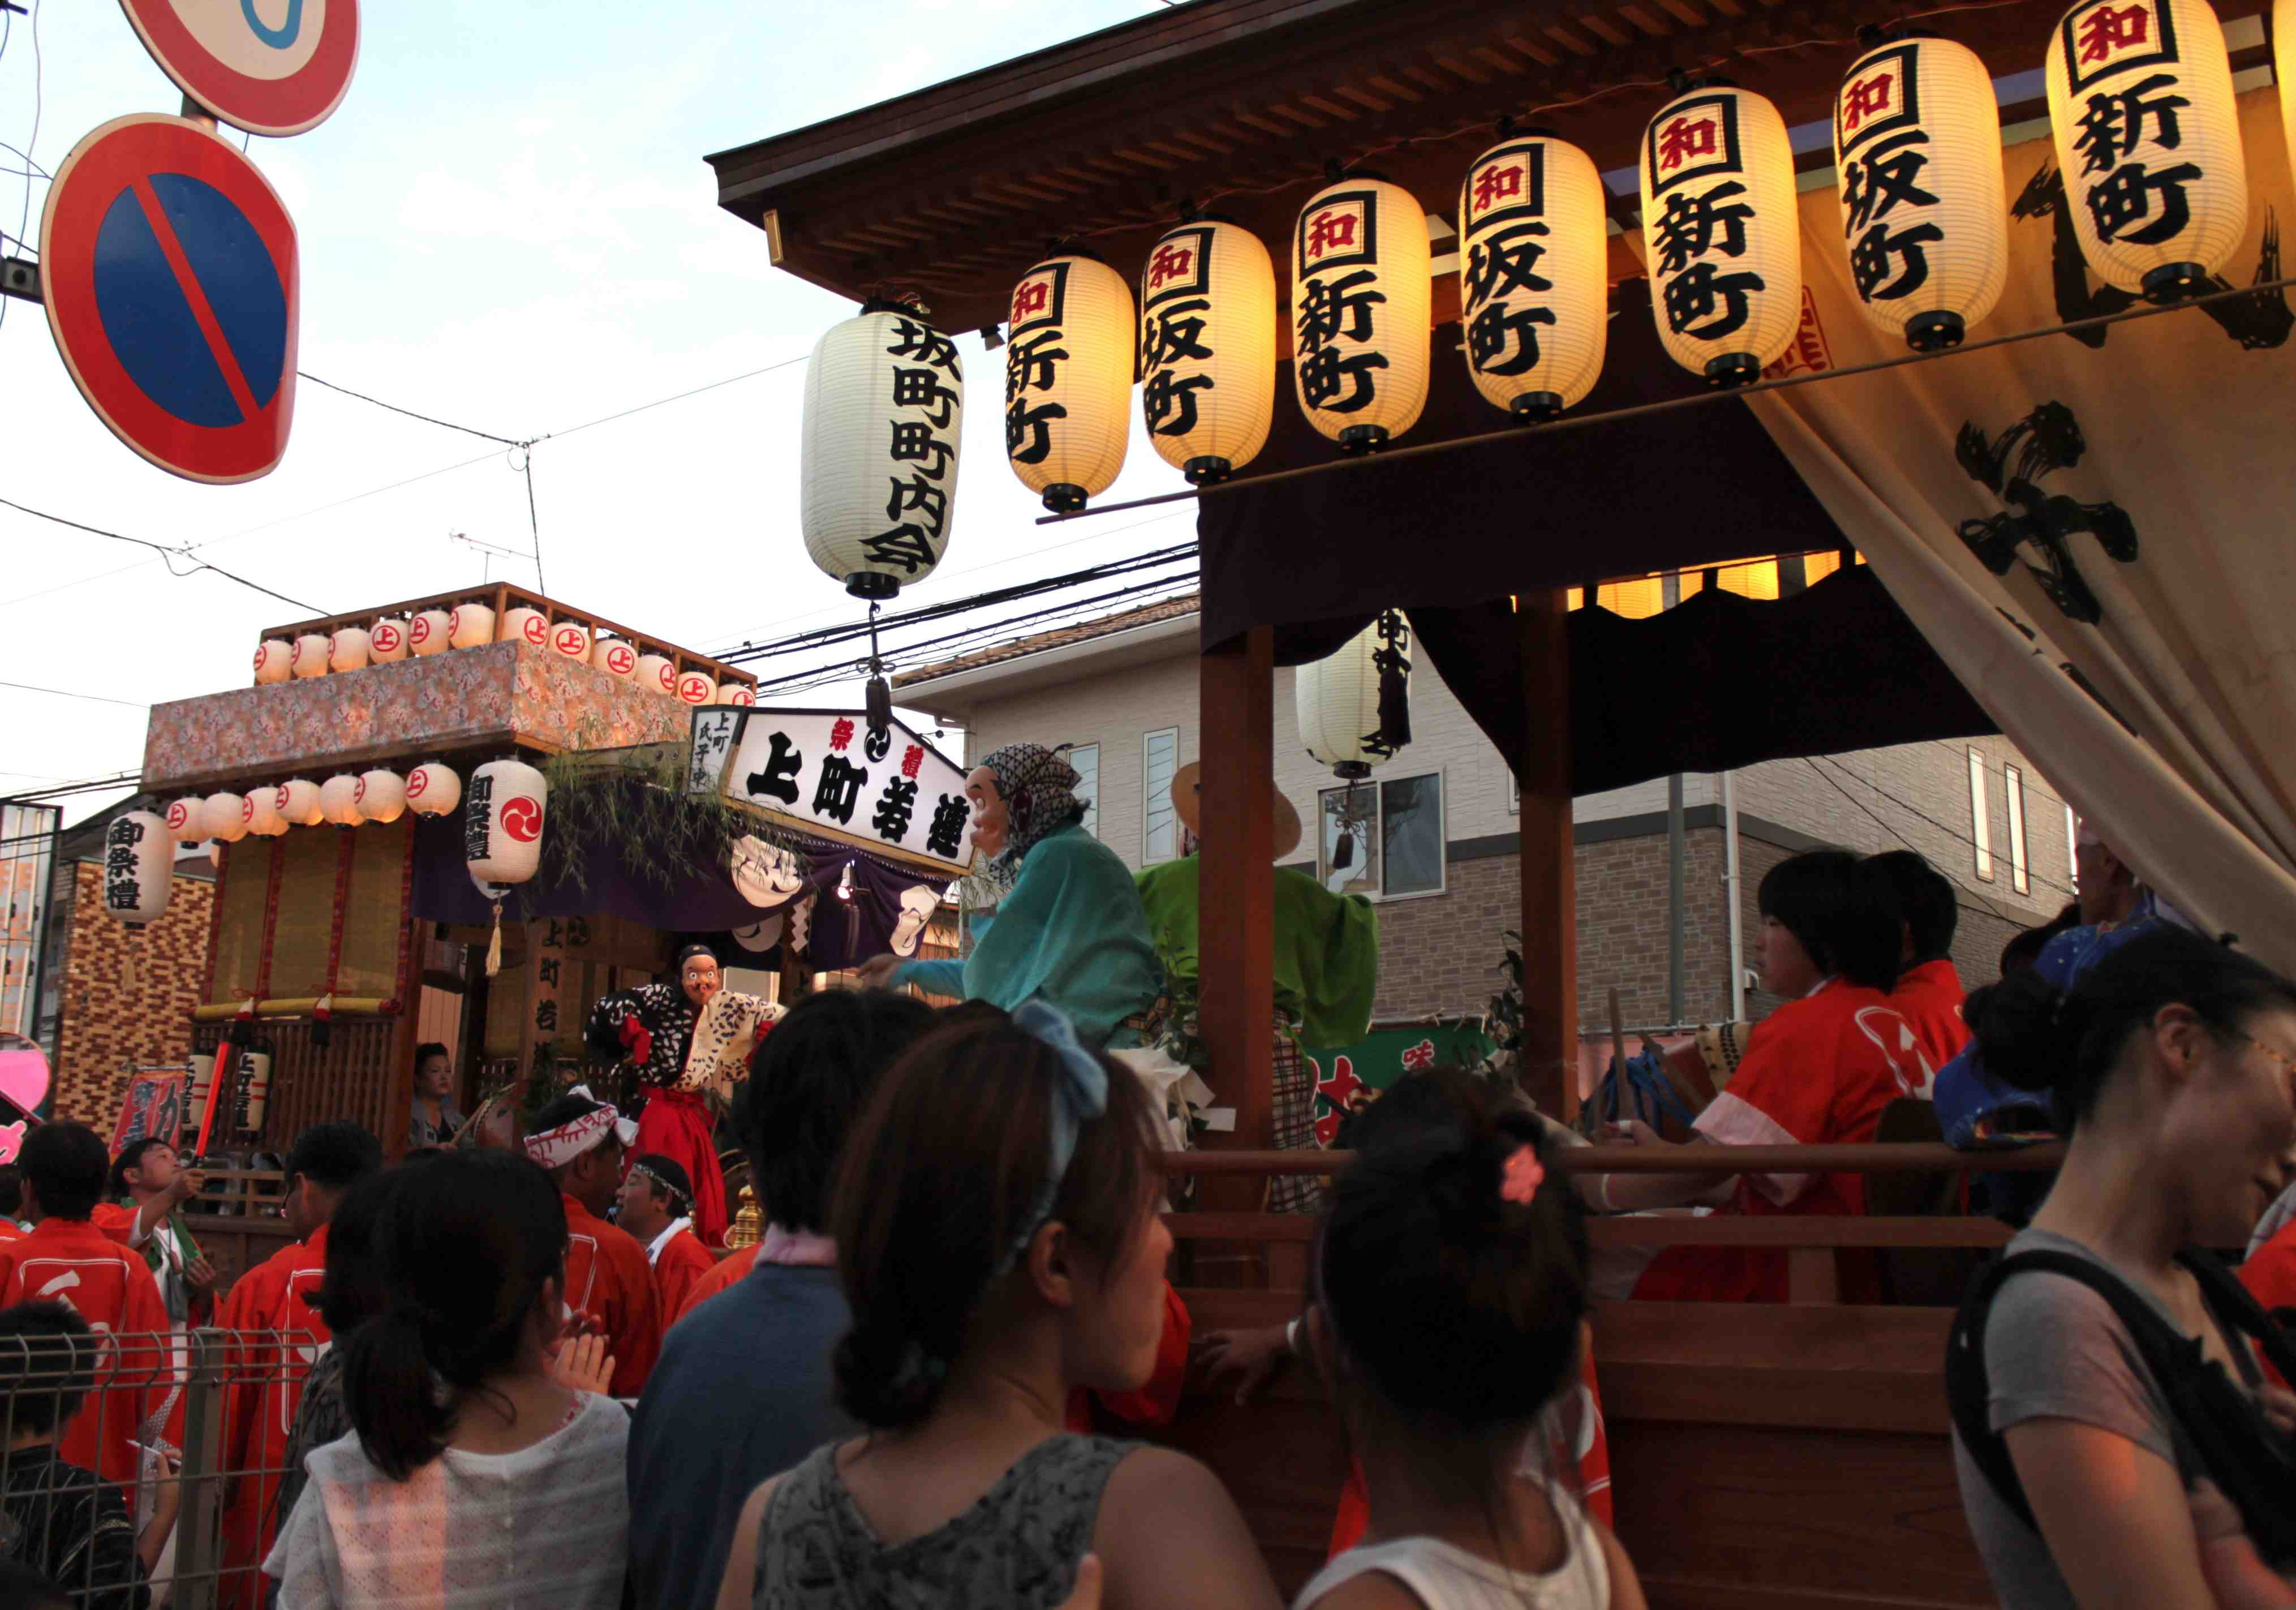 オープンラジオ夏の陣 88.oMhz @守谷祇園祭_a0216706_20201038.jpg